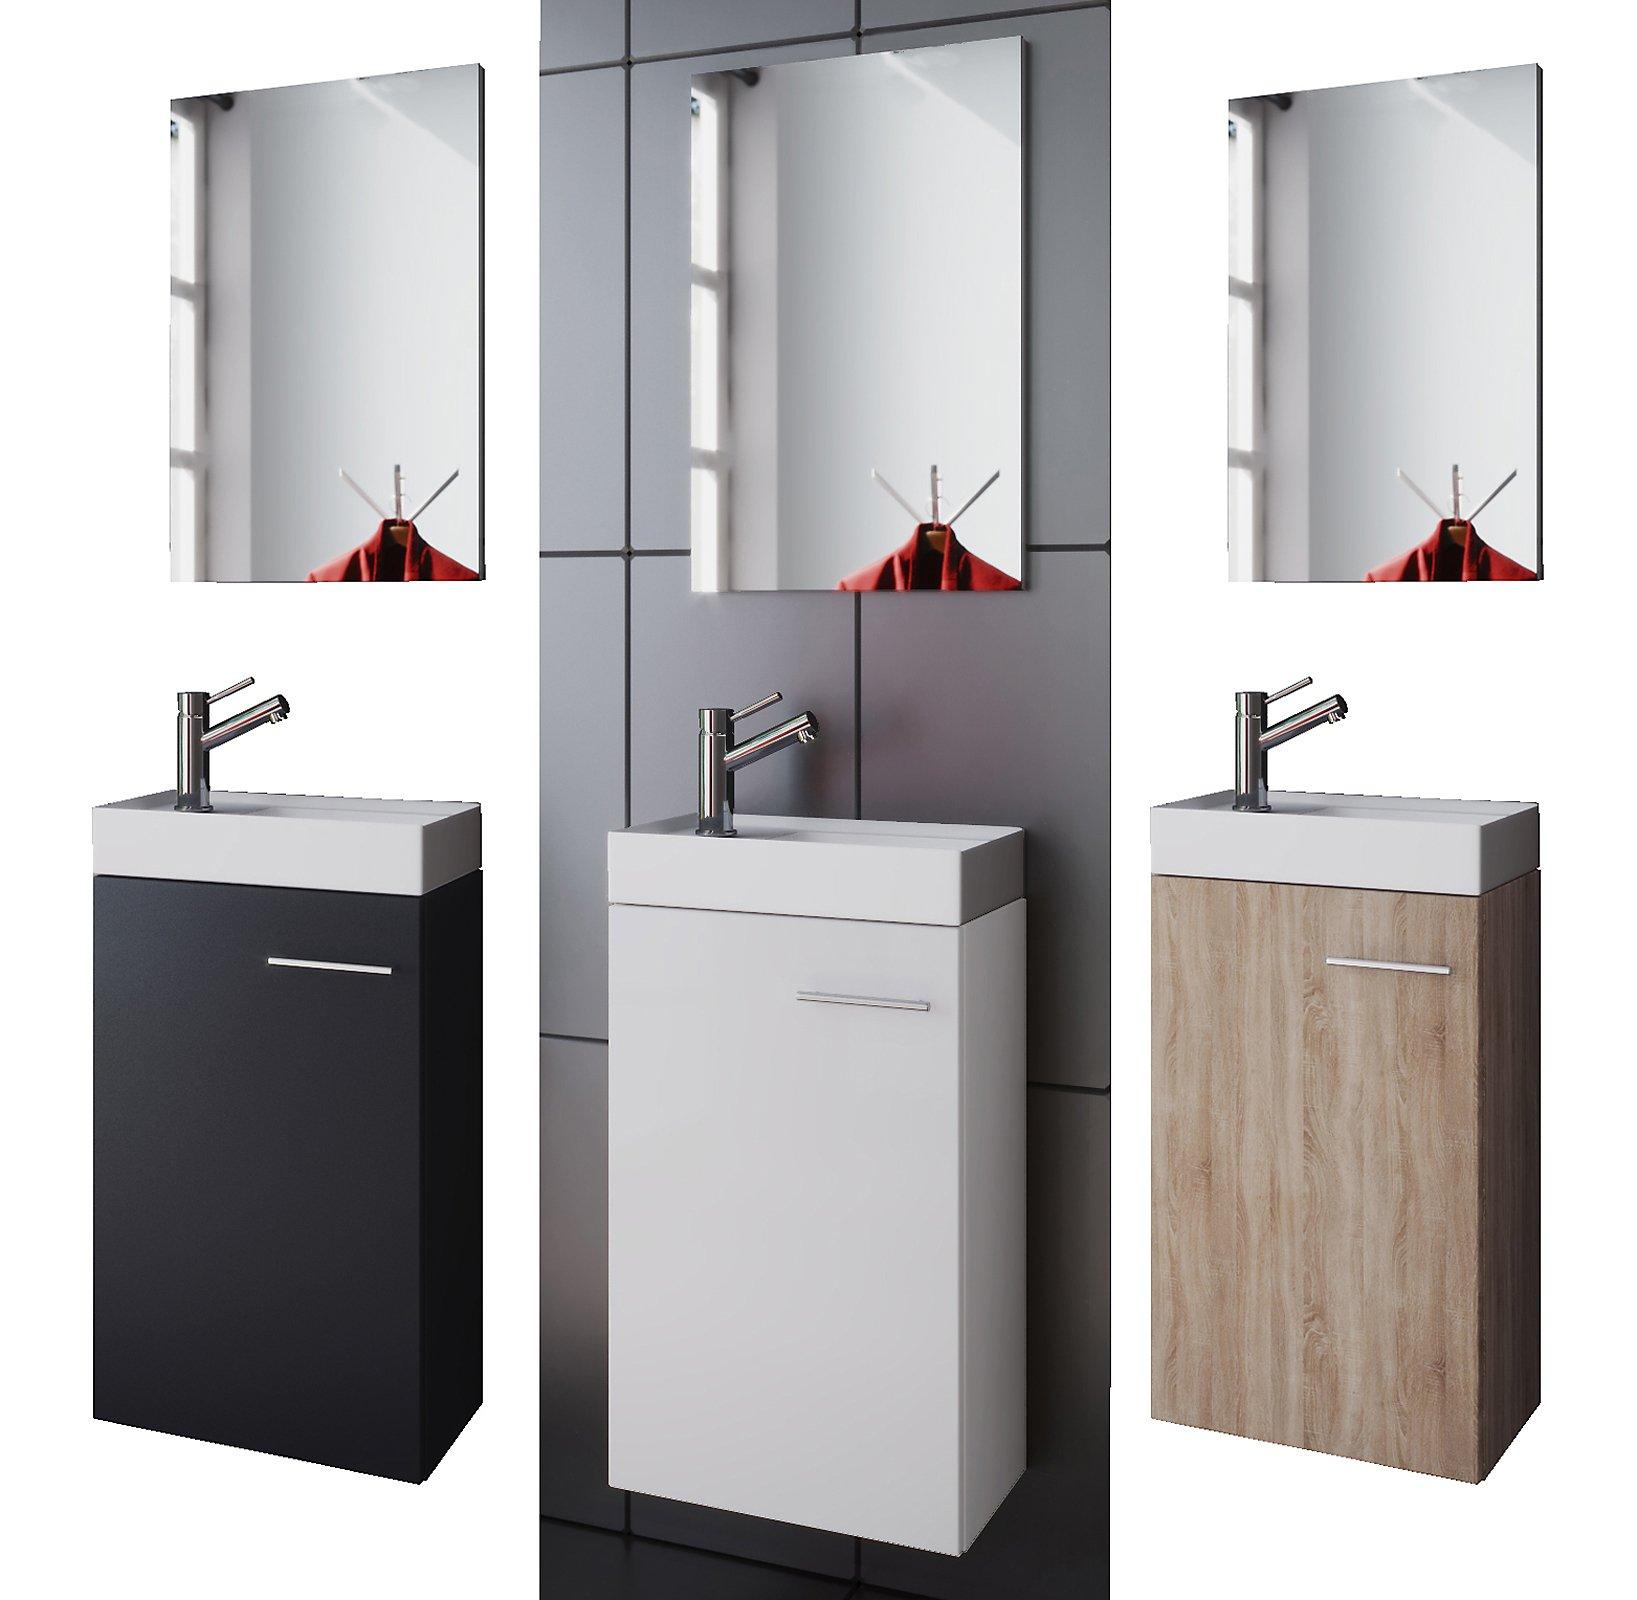 Vcm Waschplatz Waschbecken Schrank Spiegel Wc Gäste Toilette